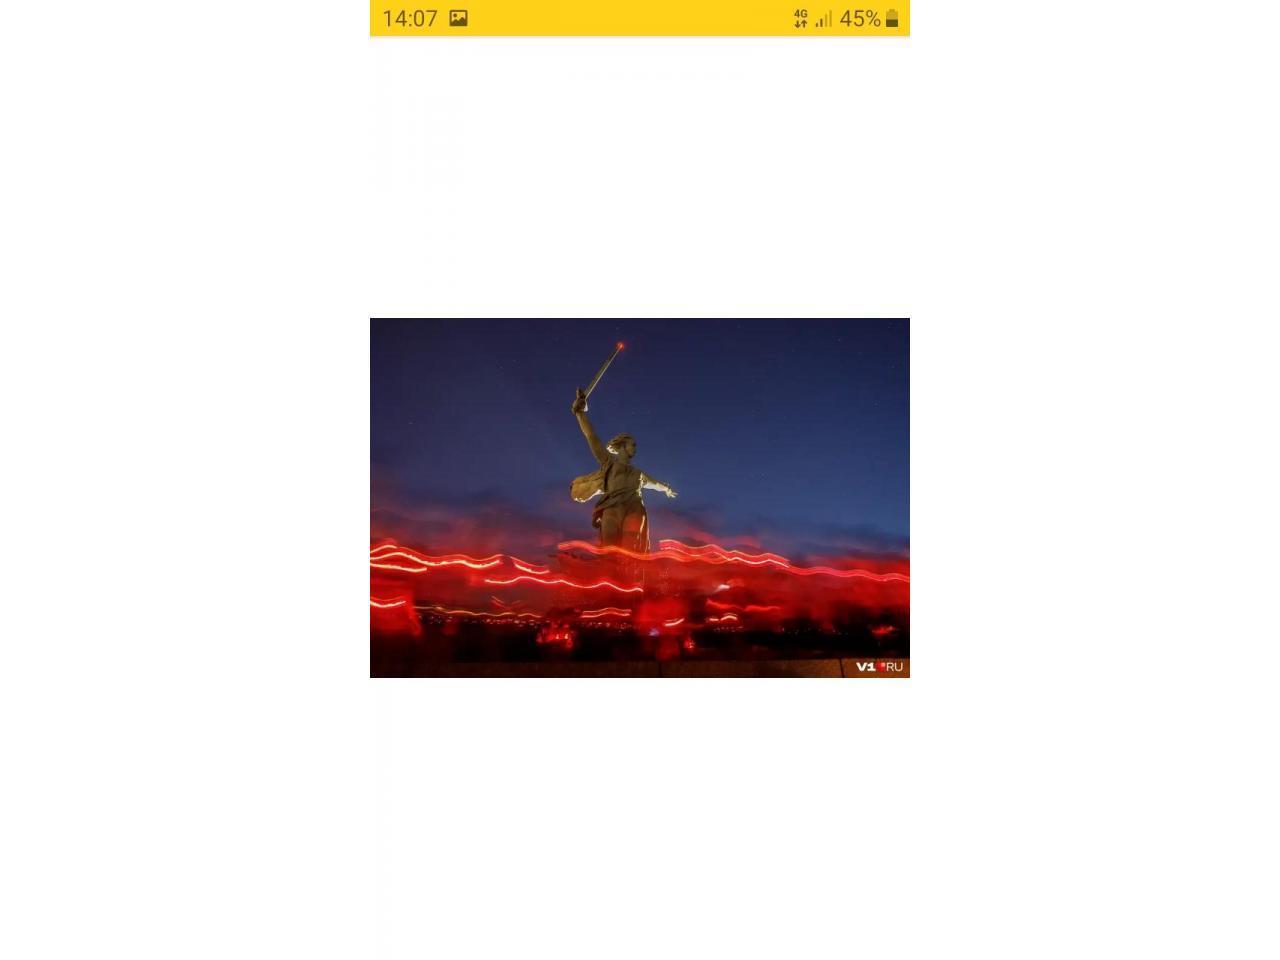 Земля из сталинграда - 4